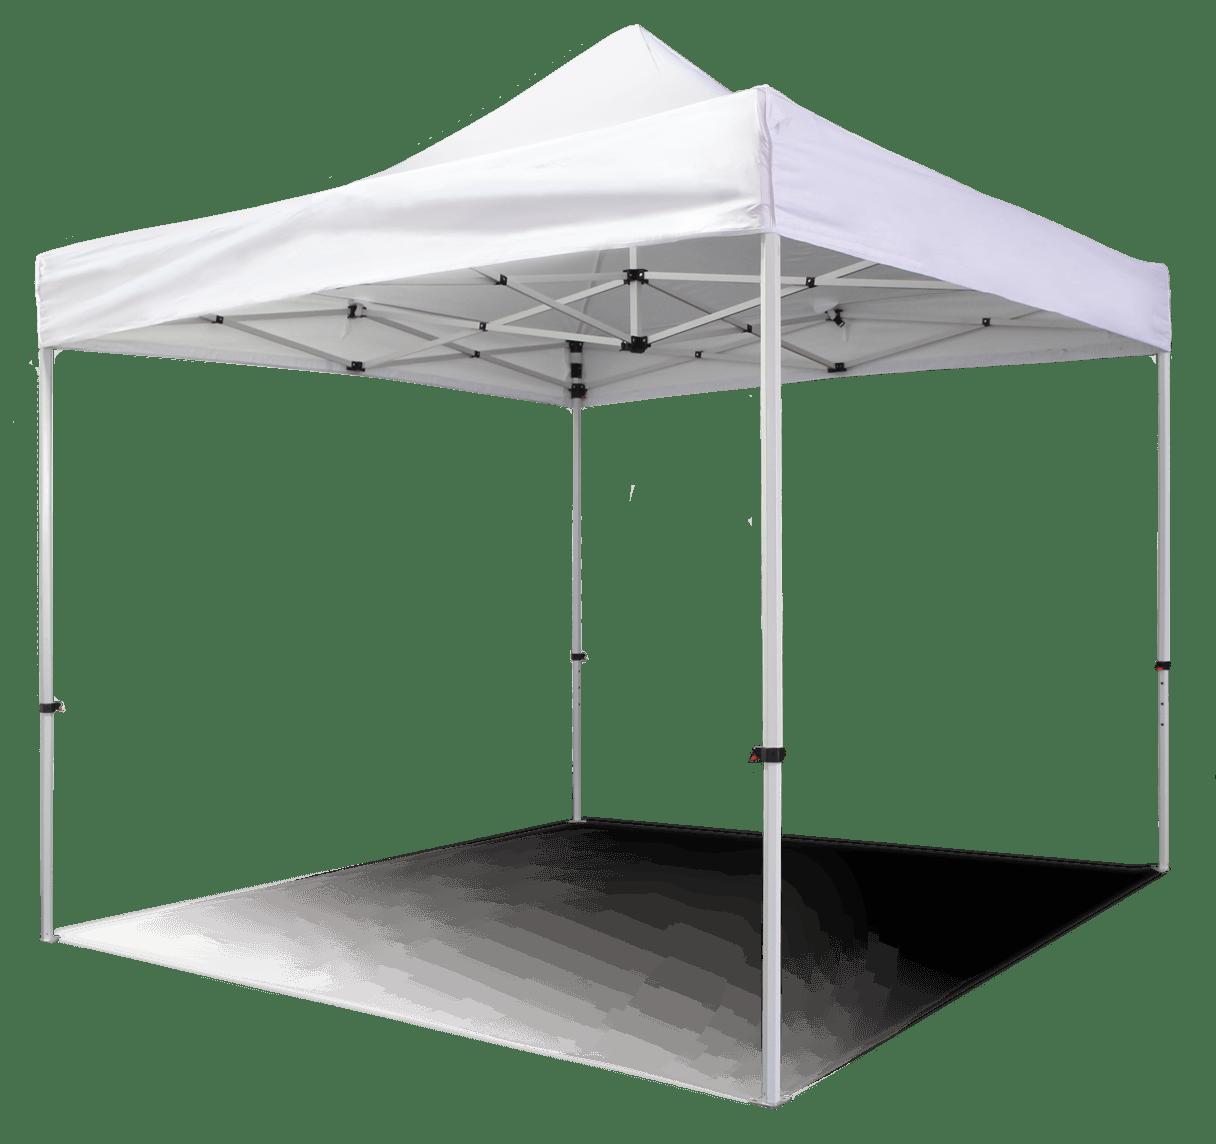 Waterproof Pop Up Canopies Order Your Vinyl Tent Top Now